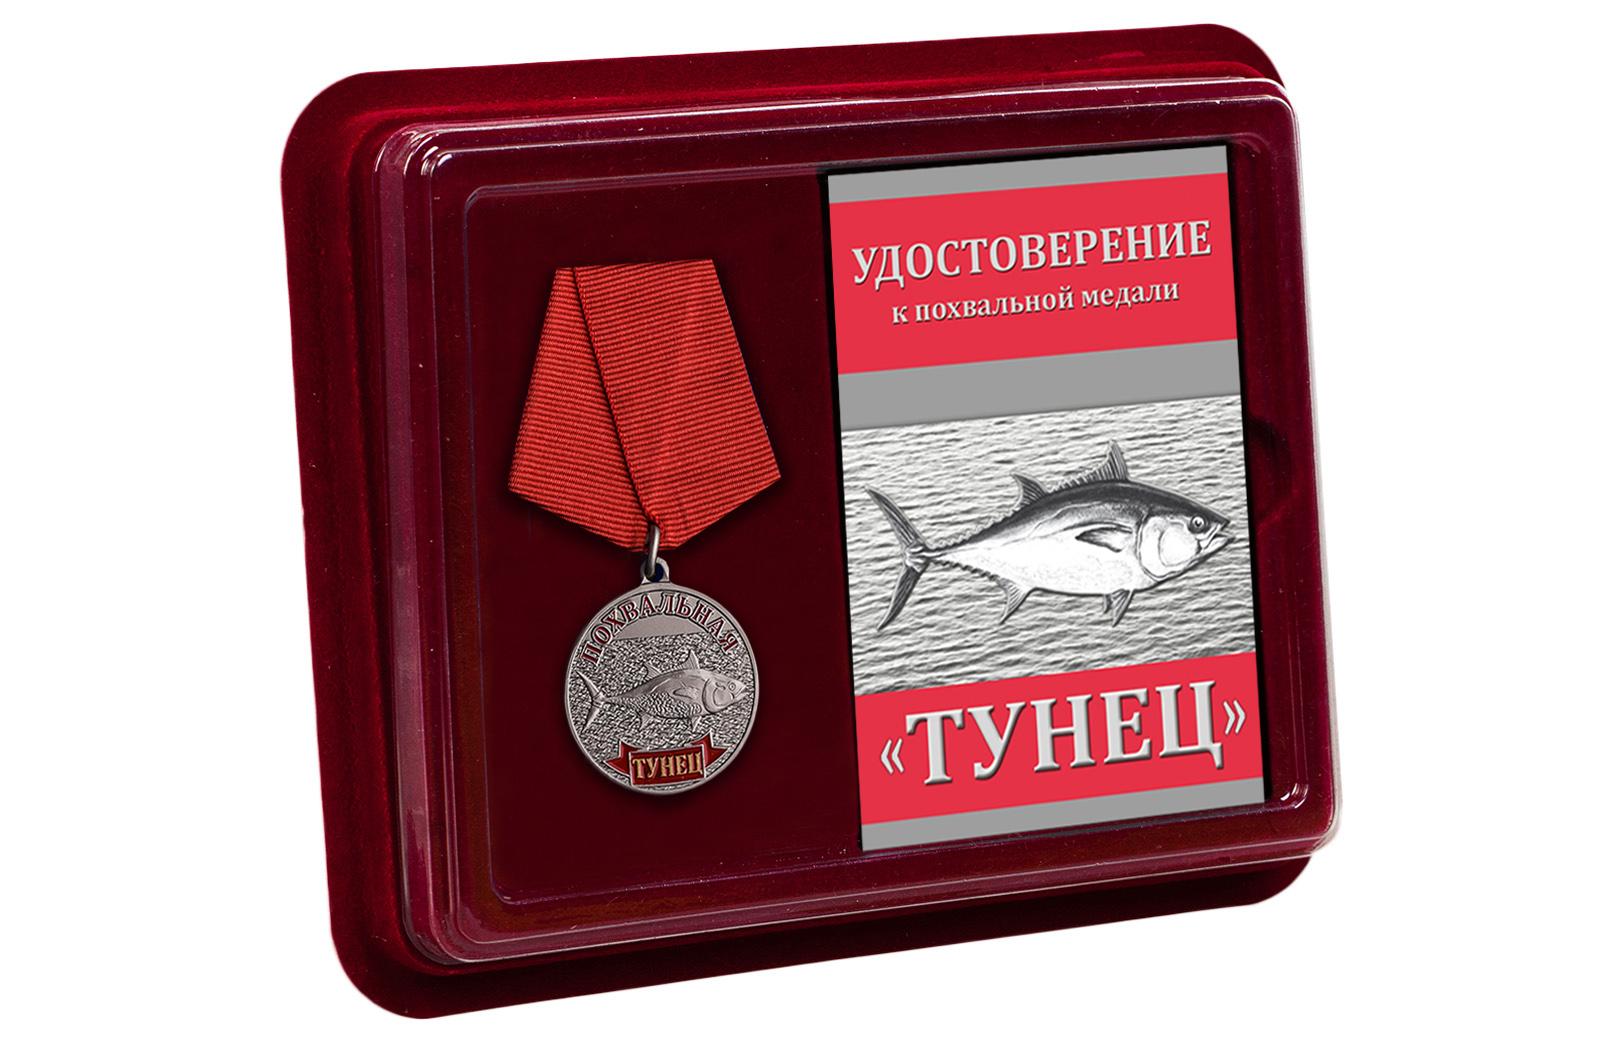 Купить медаль Тунец оптом или в розницу